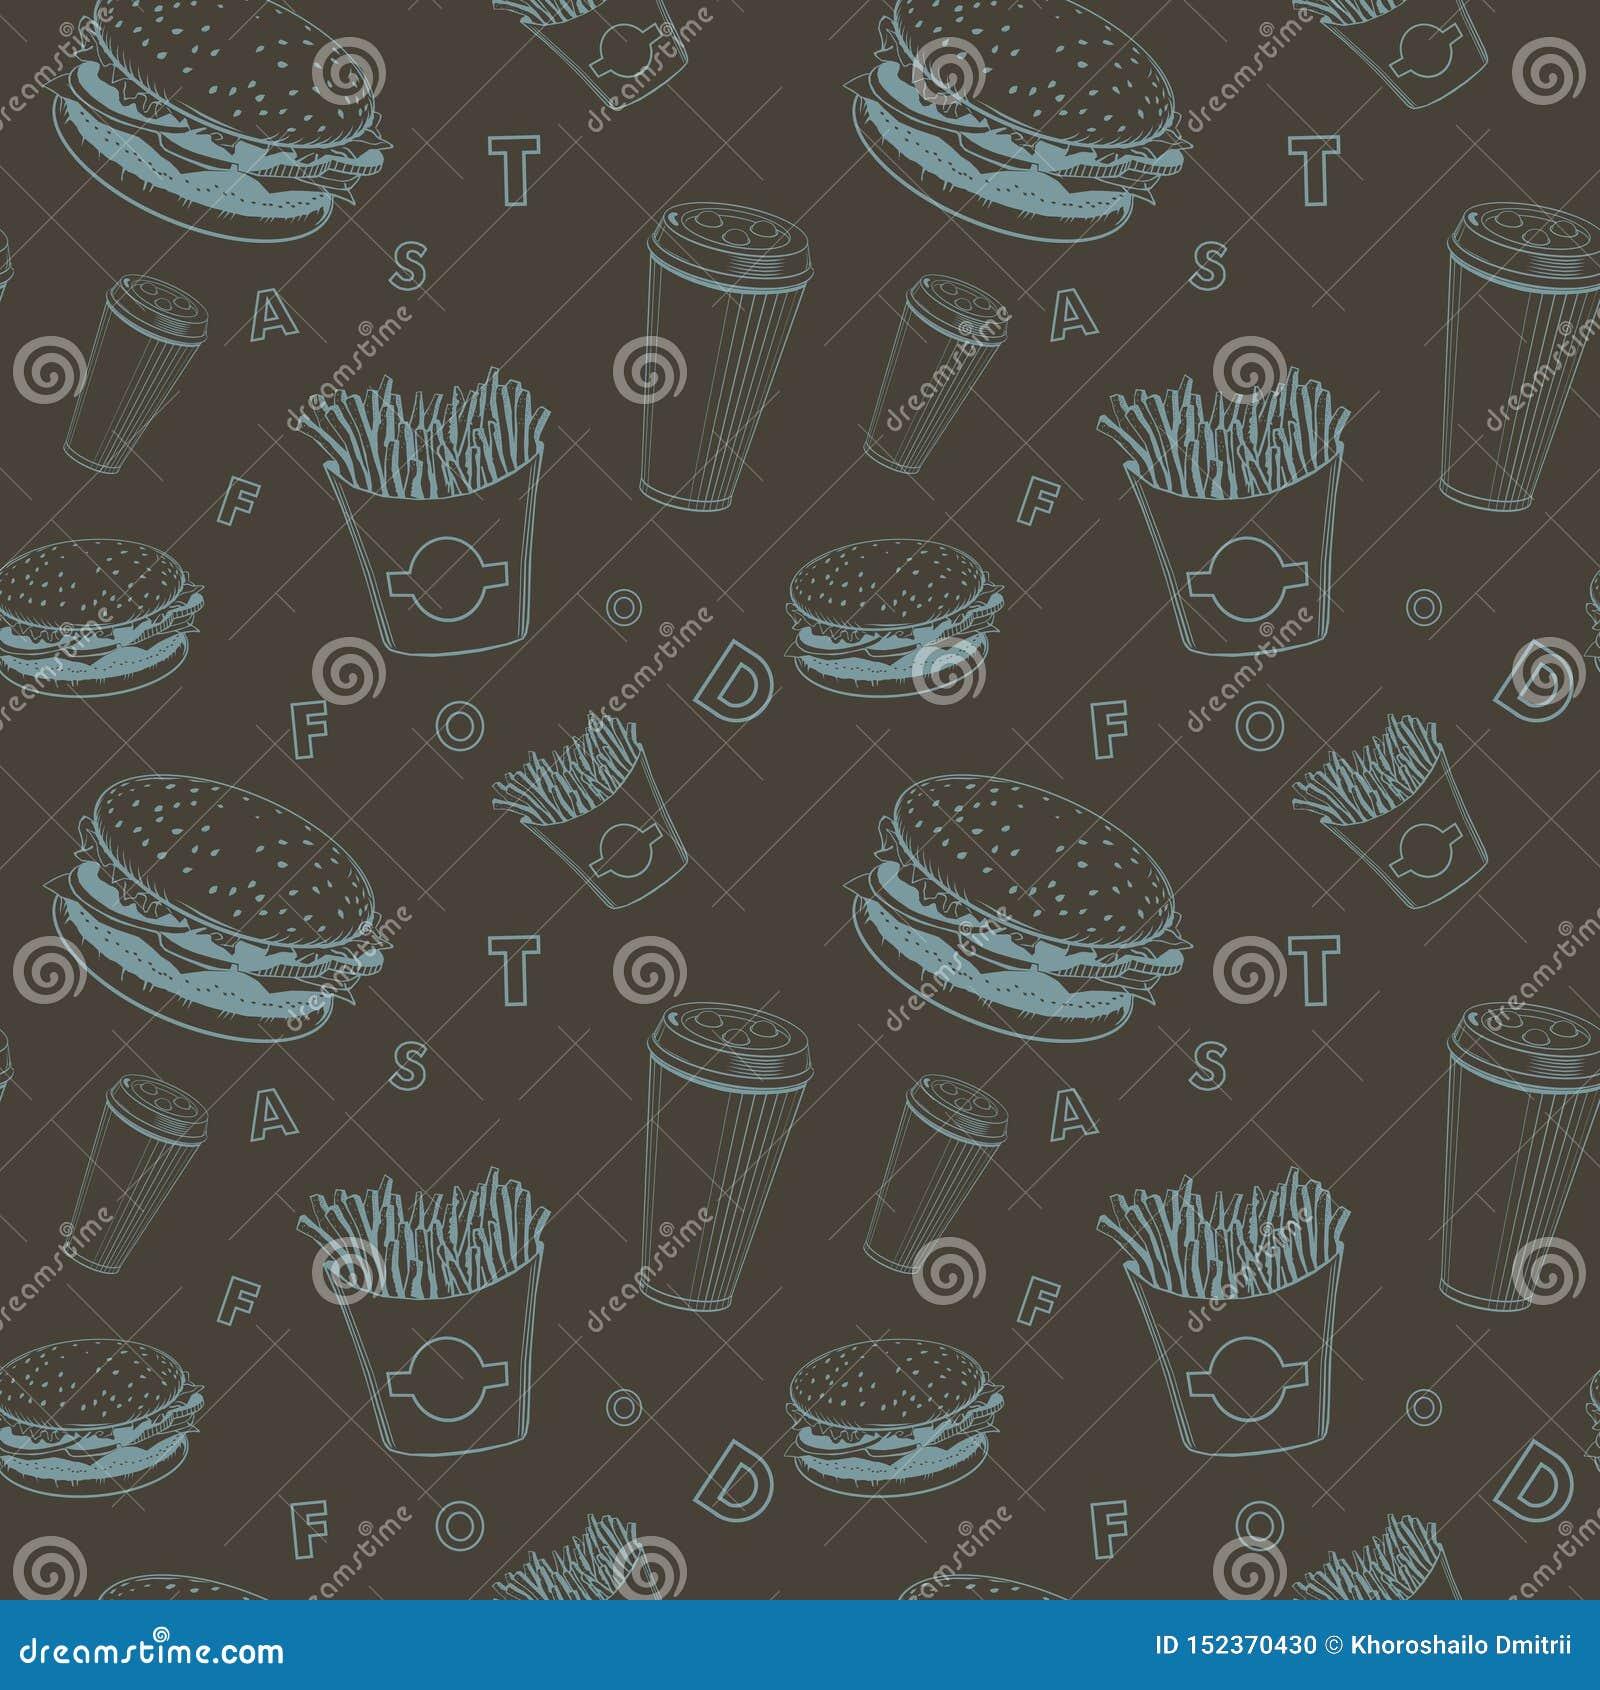 咖啡馆食物传染媒介设置了黑和蓝色快餐组合图案样式